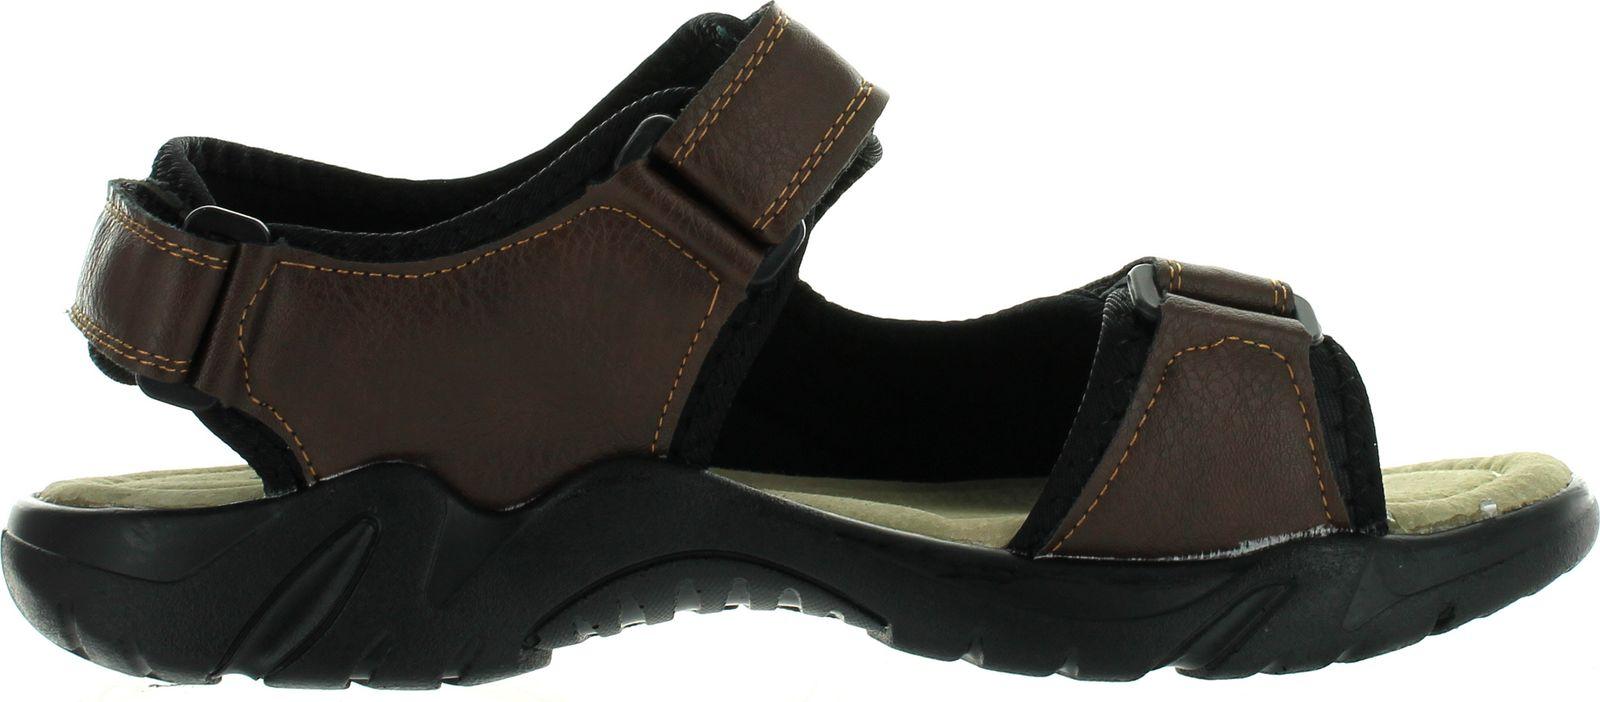 Gelato Uomo 1502 Adventure Outdoors Casual Sandals